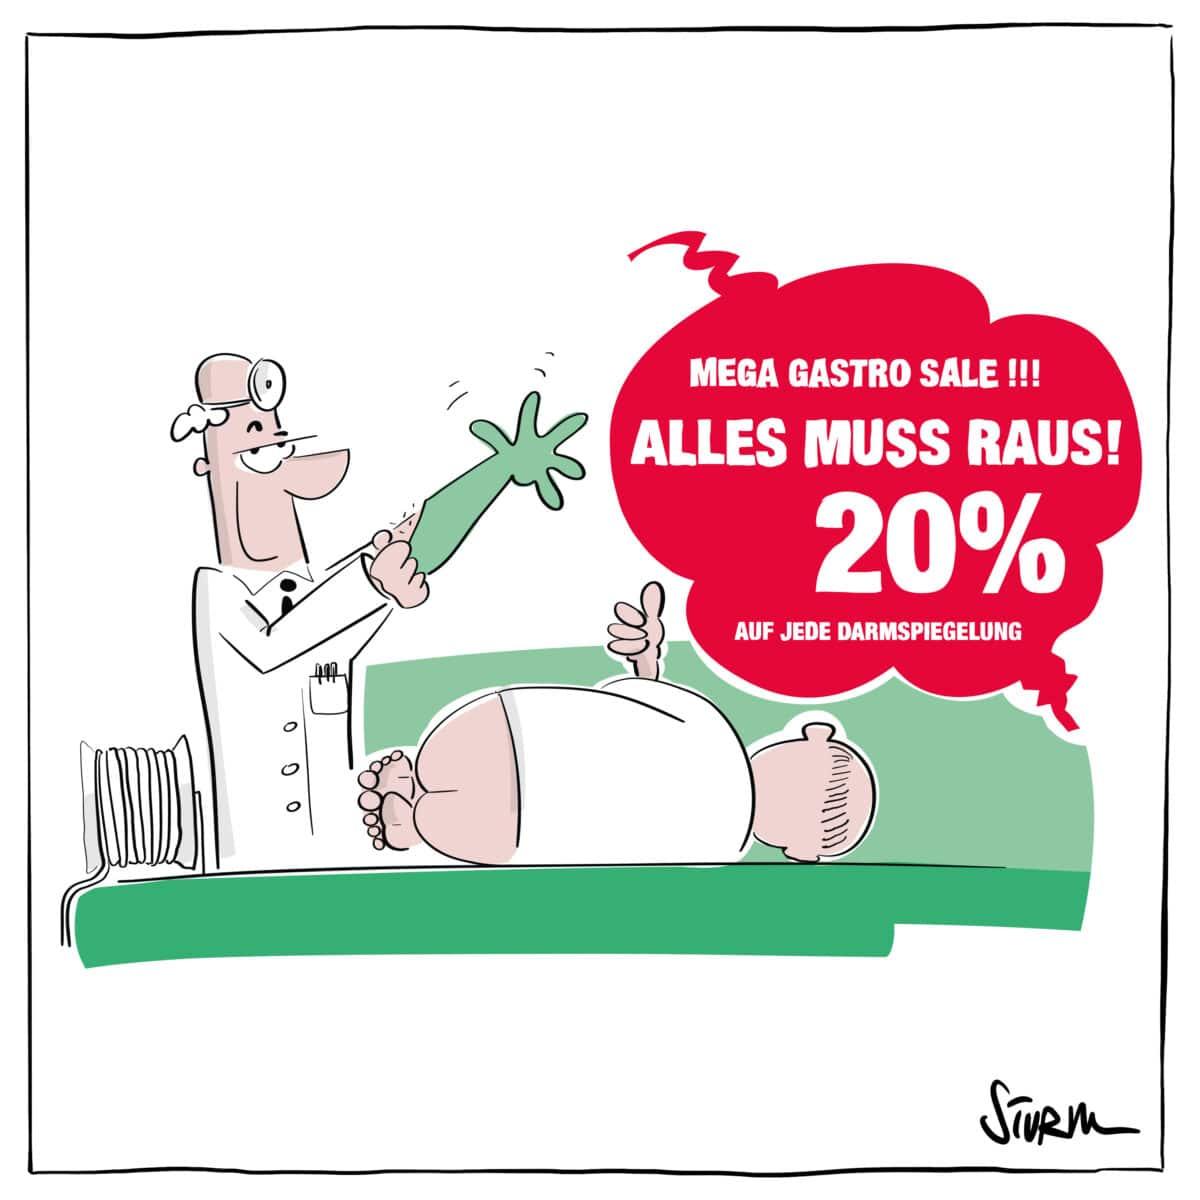 Alles muss raus – Darmspiegelung-Sale beim Gastroenterologen - Cartoon von Philipp Sturm